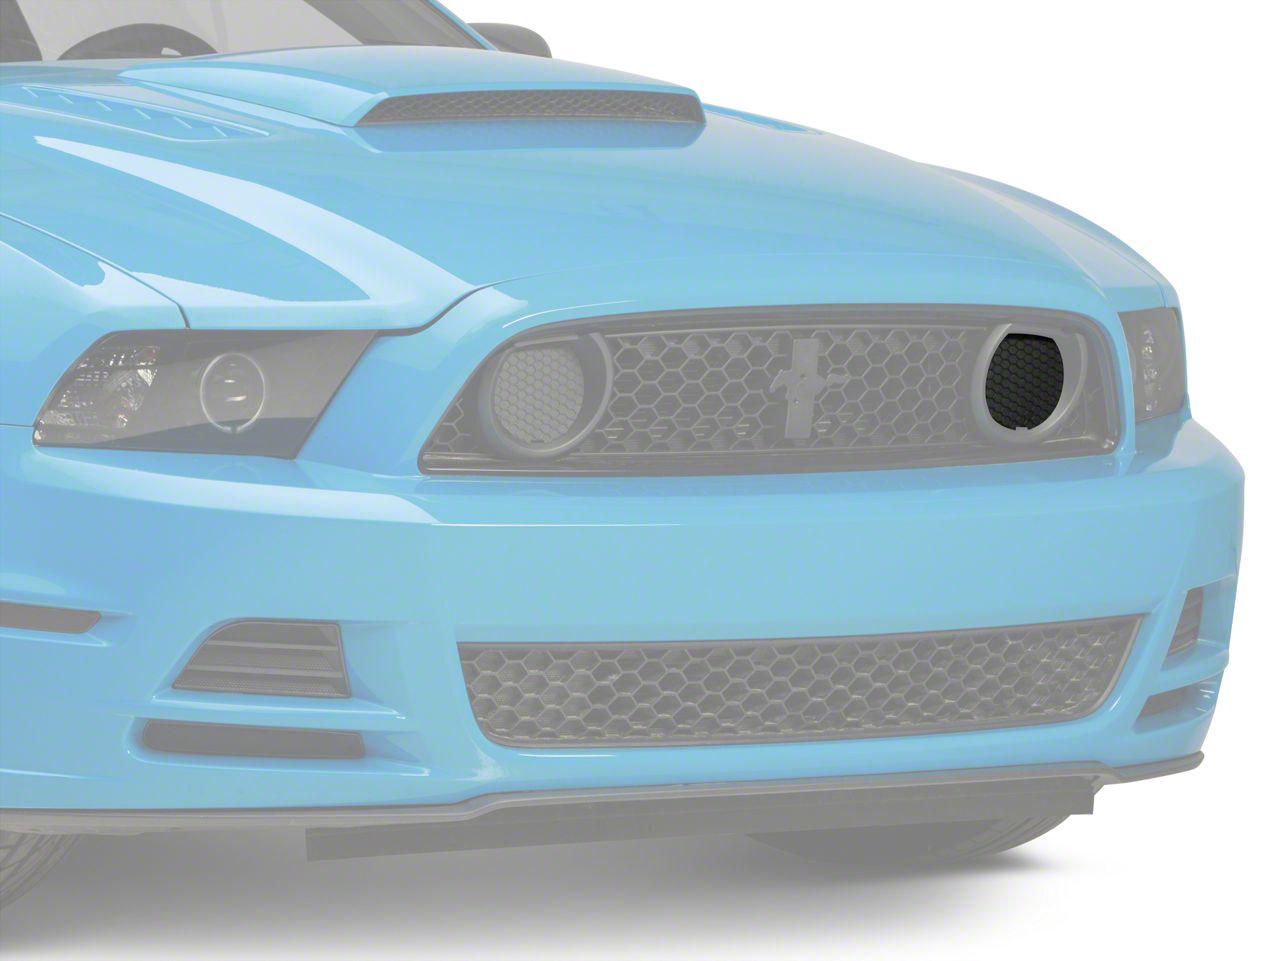 Ford Boss 302 Fog Light Delete - Driver Side (2013 BOSS 302)